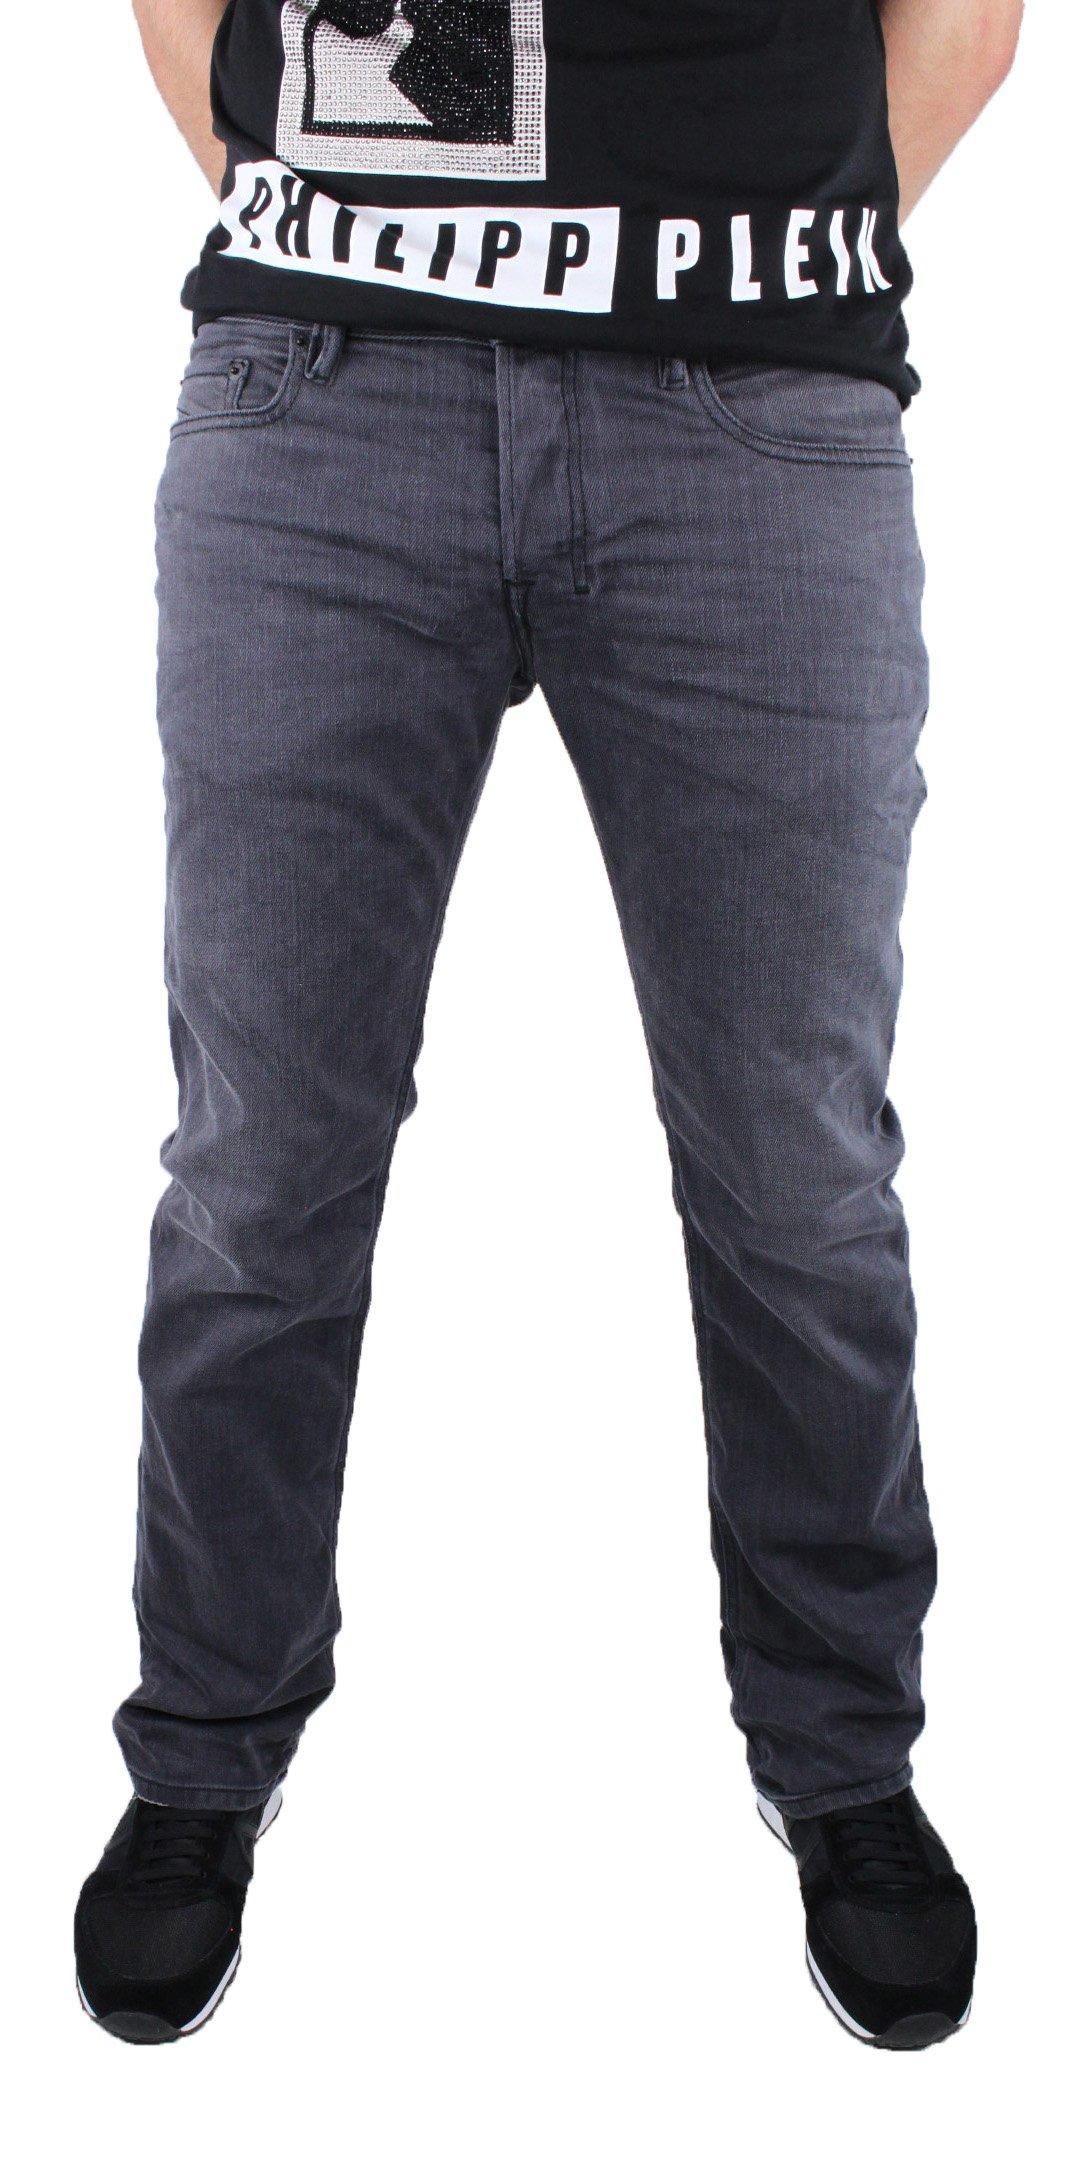 Diesel Mens Boot-Cut Stretch Jeans Zatiny 0859X Black/Grey (36W x 32L)